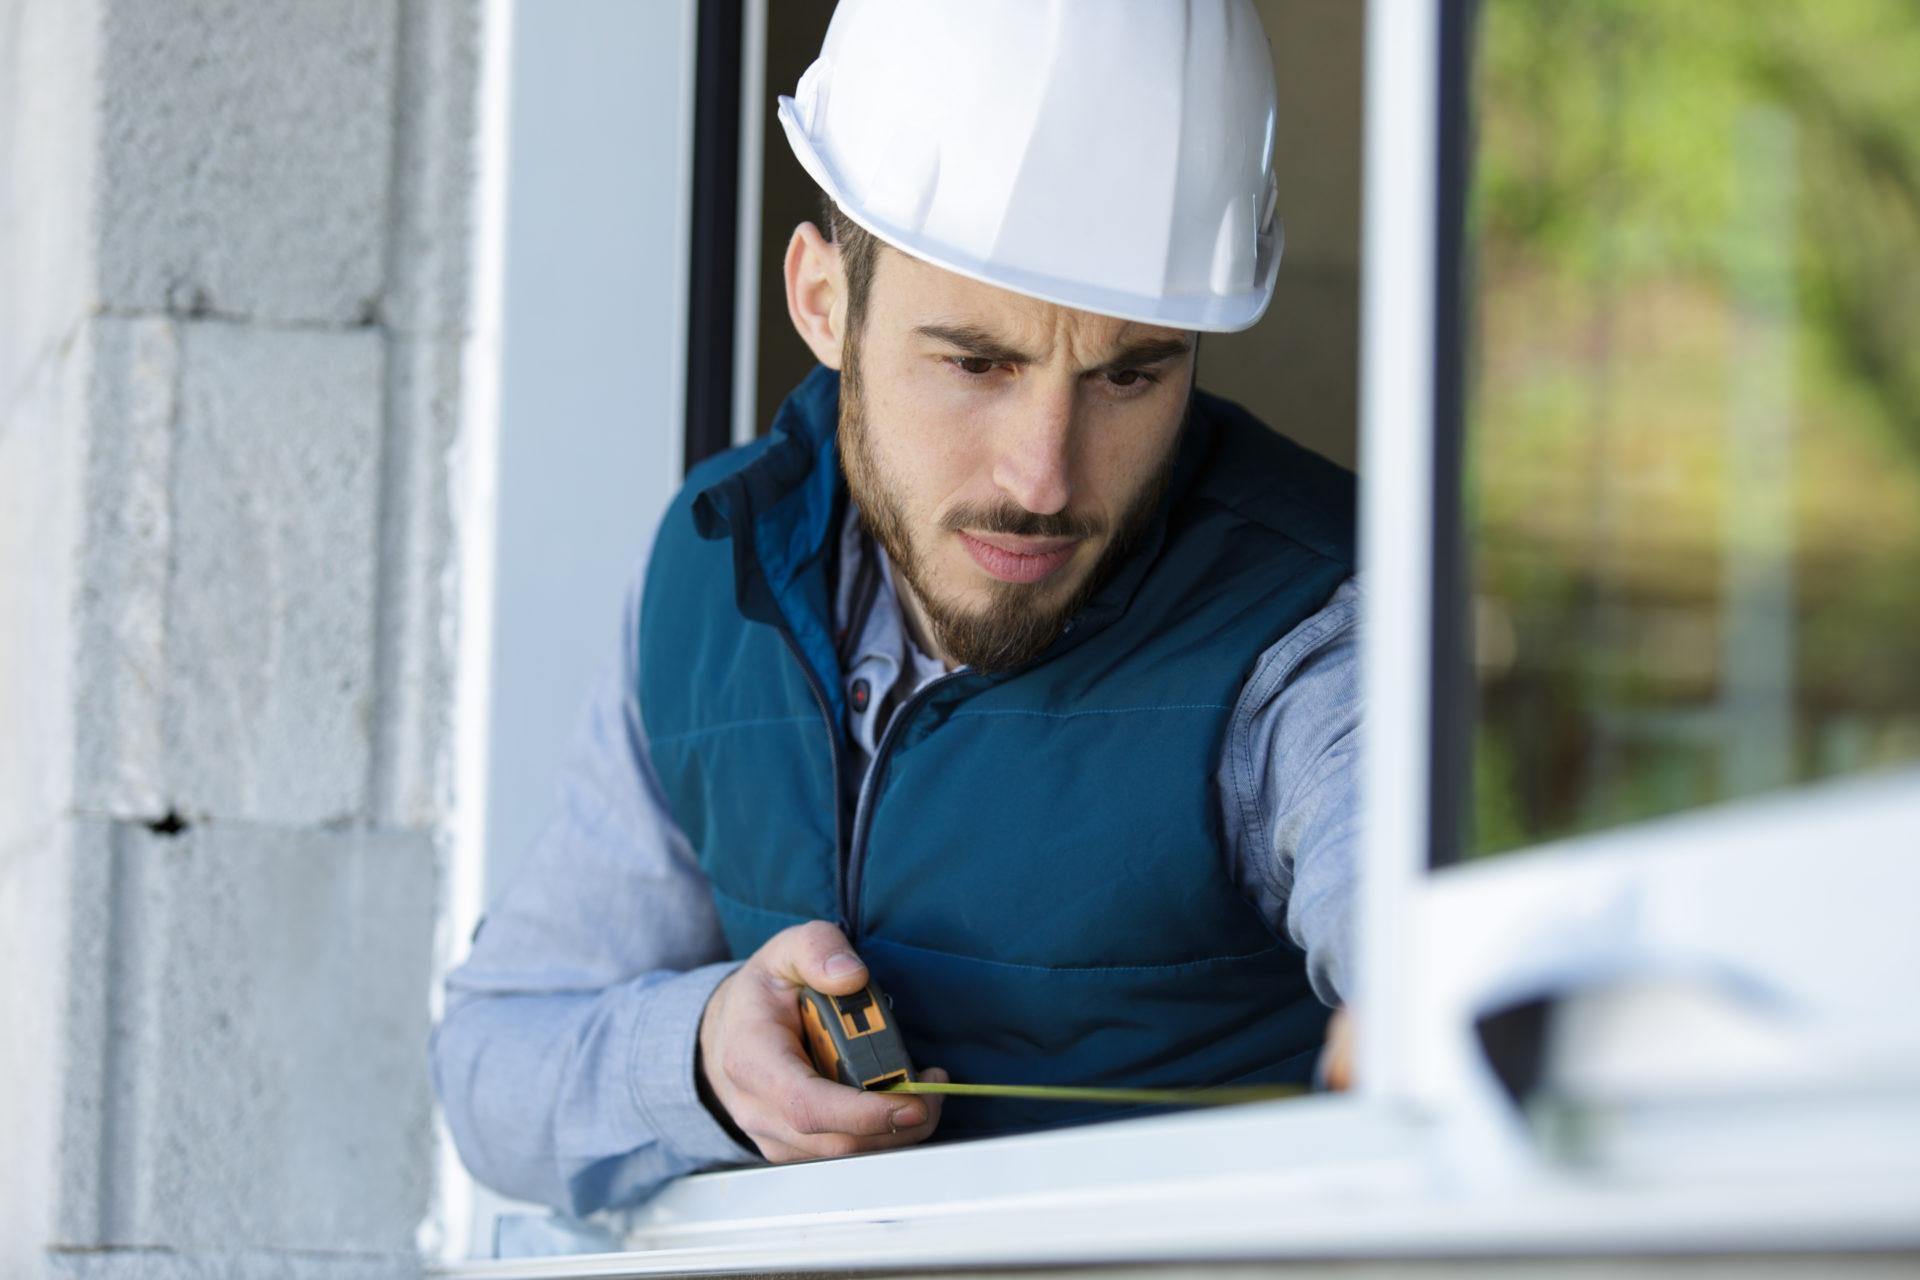 hofi világa szolgáltatások szekció2 beépítés és beállítás